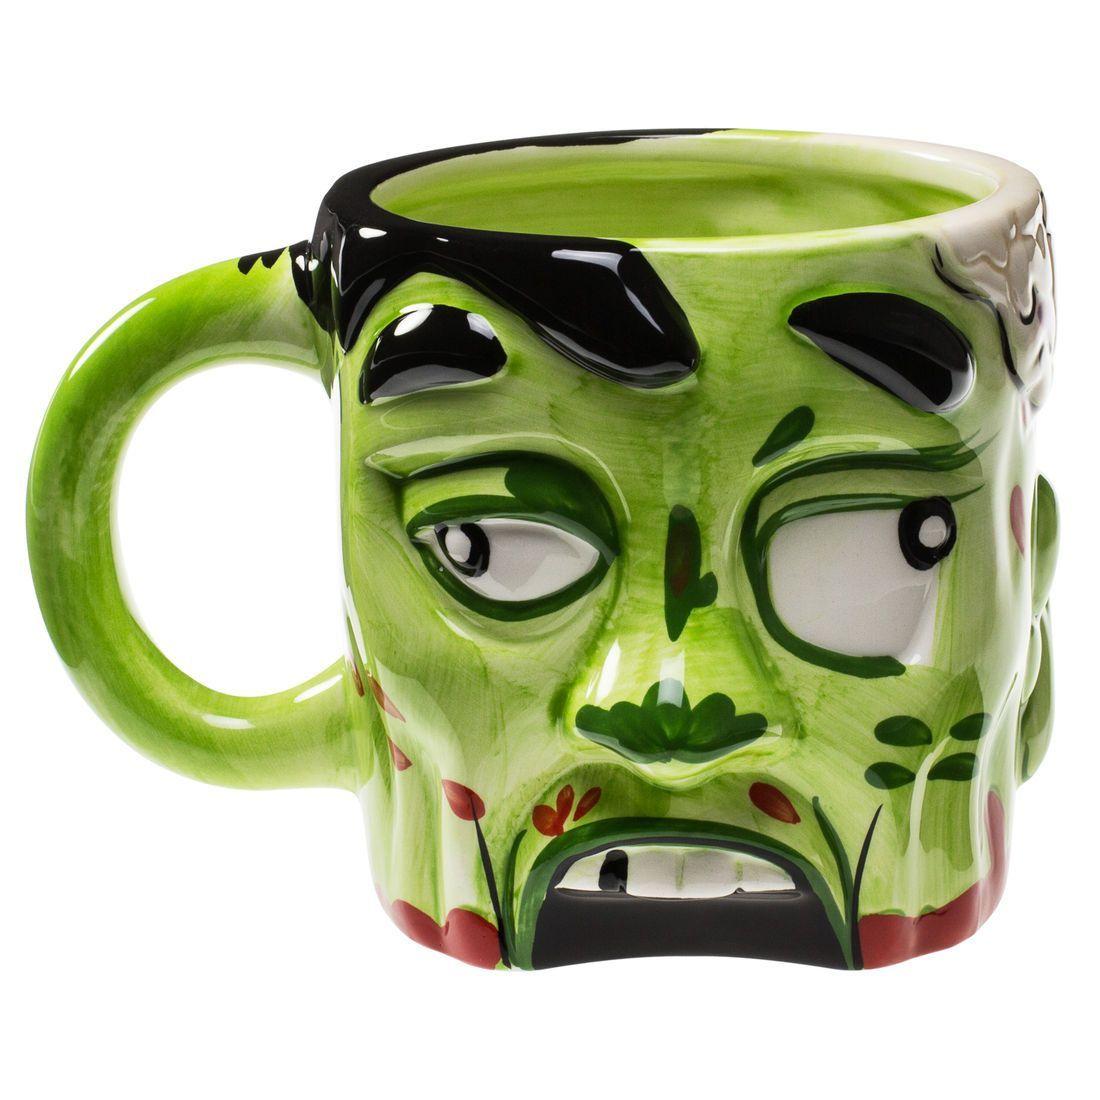 Diesem Zombiekopf wurde das Gehirn entfernt, damit Du Getränke aus ihm genießen kannst.Der Zombiekopf Becher für alle Fans von Halloween oder Zombie-Serien wie The walking Dead. Wir empfehlen Tomatensaft als Getränk für den Becher.